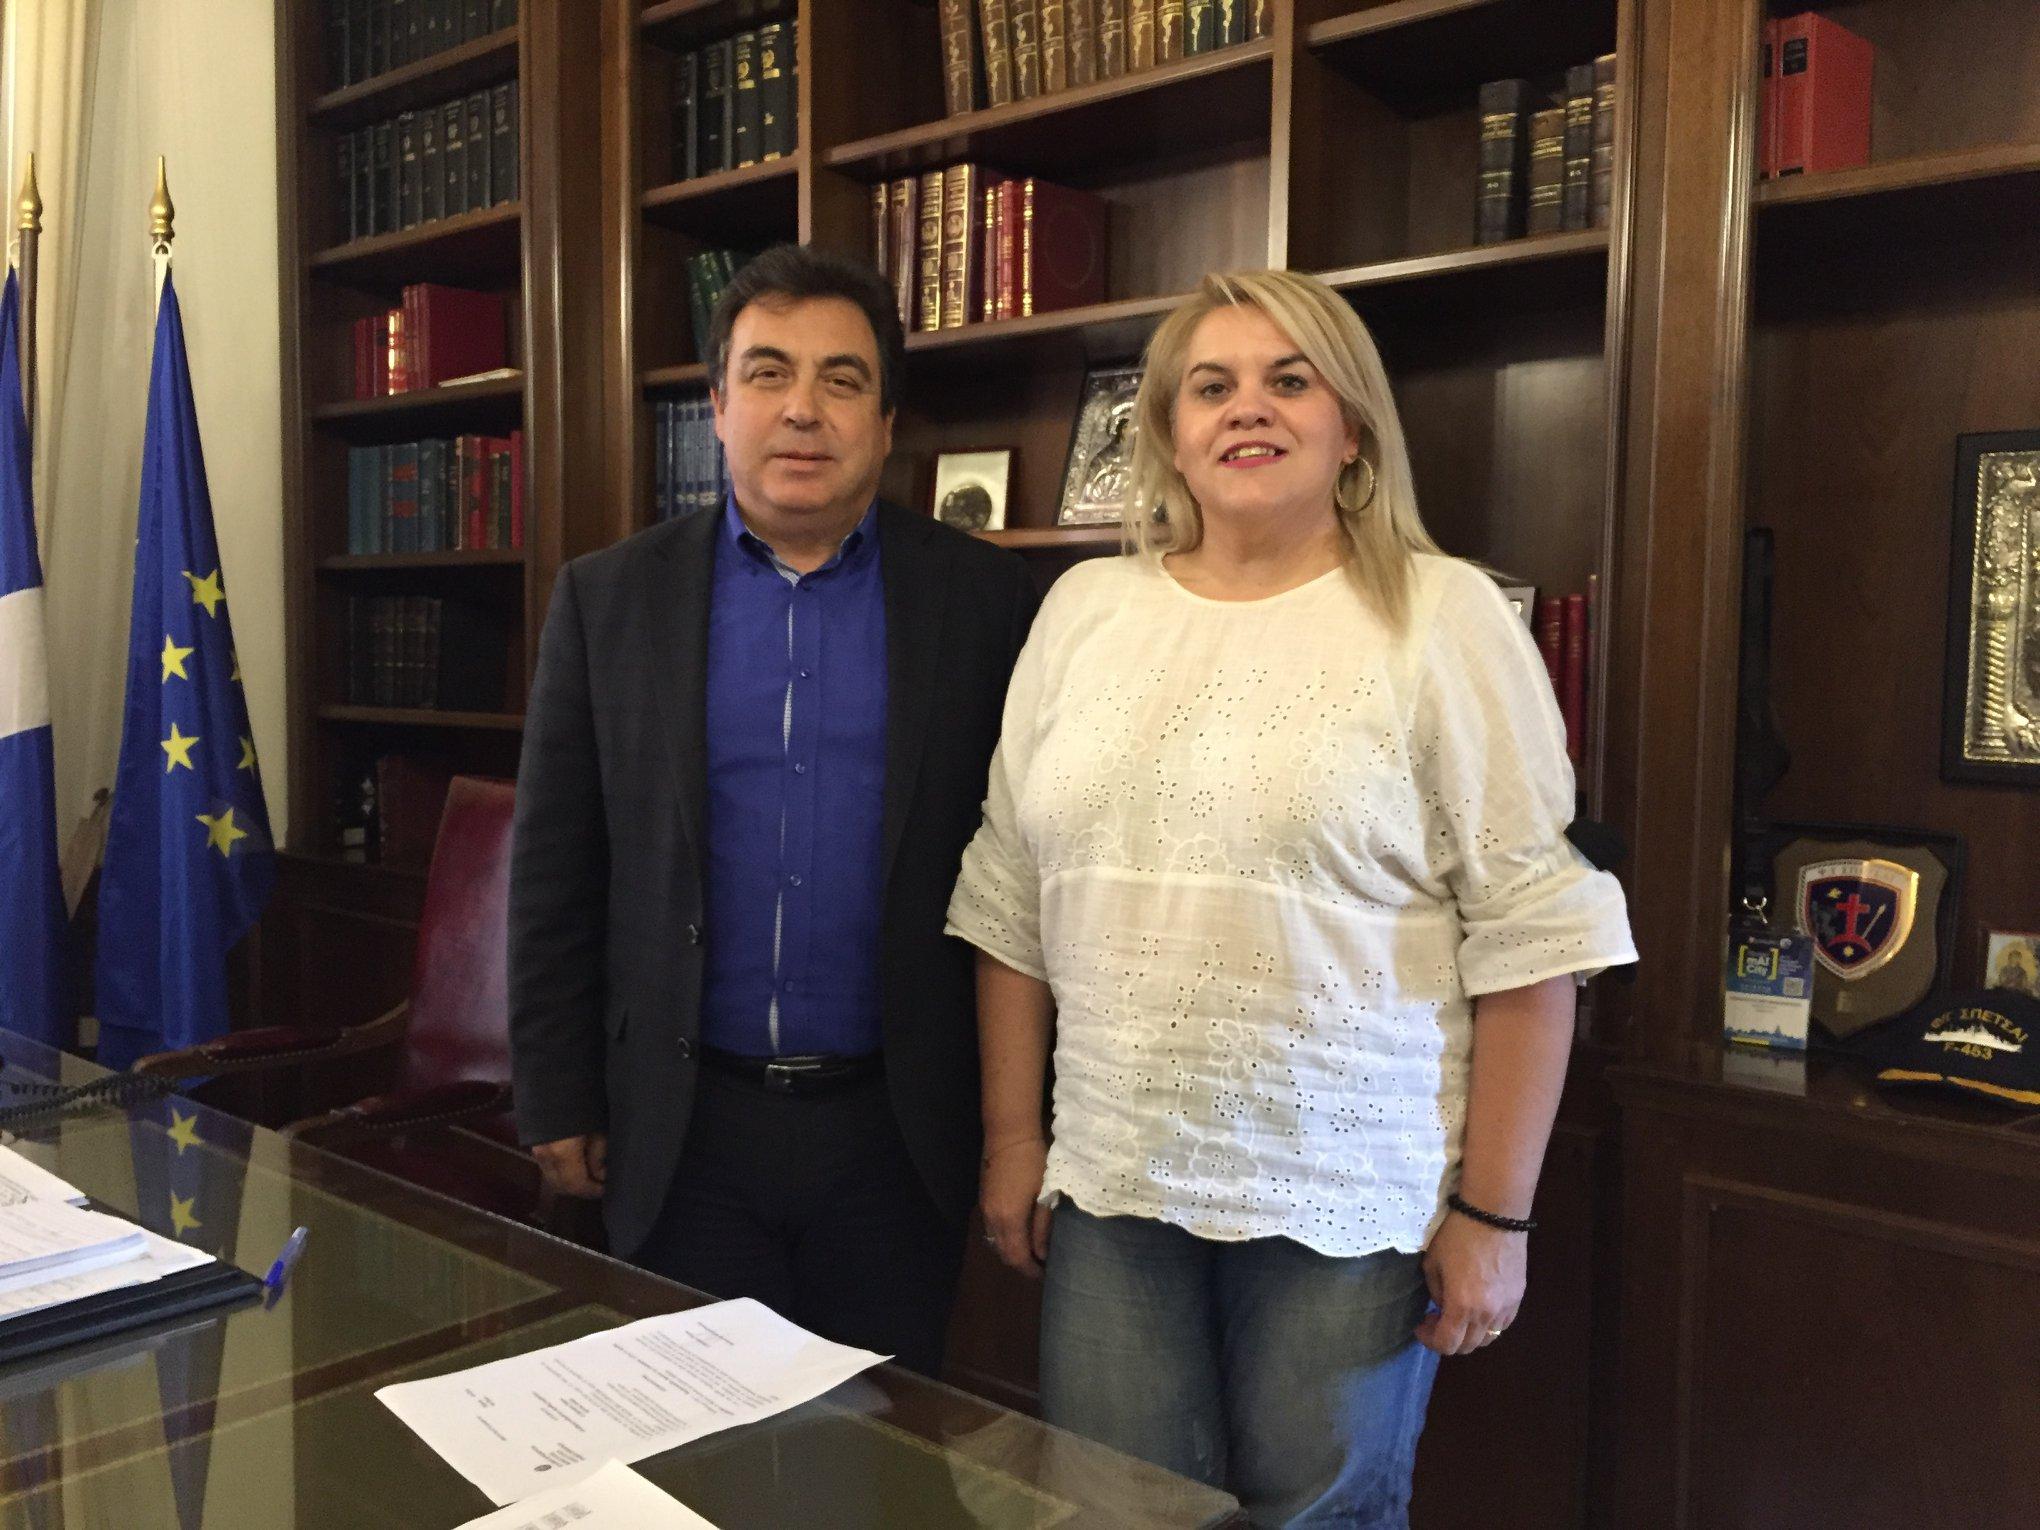 Δήμος Πύργου: H κα. Λαμπροπούλου Χριστίνα σε καθήκοντα άμισθης συμβούλου του Δημάρχου Πύργου σε θέματα Παιδείας και Διά Βίου Μάθησης